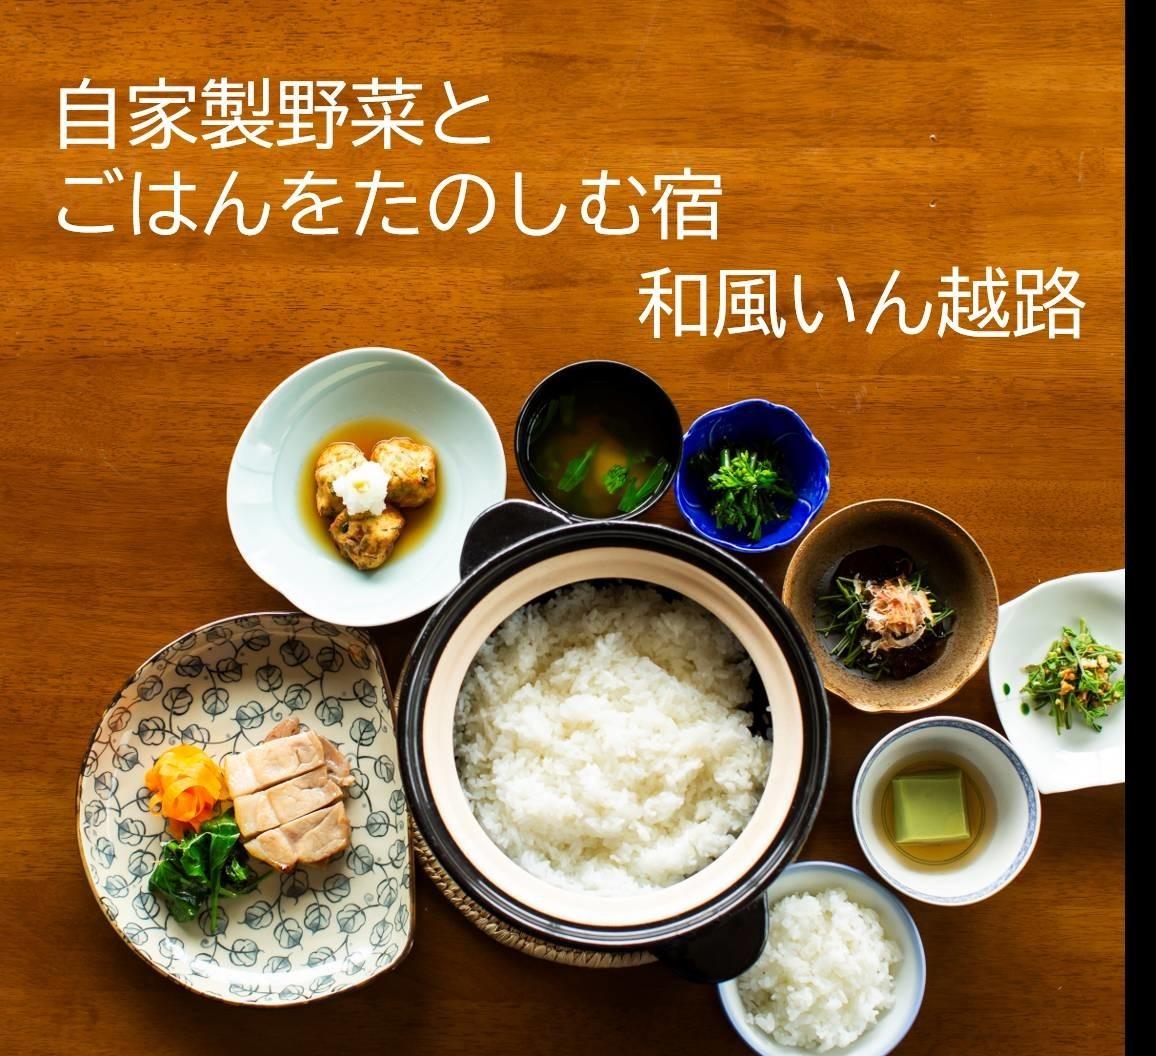 f:id:koshiji:20200521001655j:plain